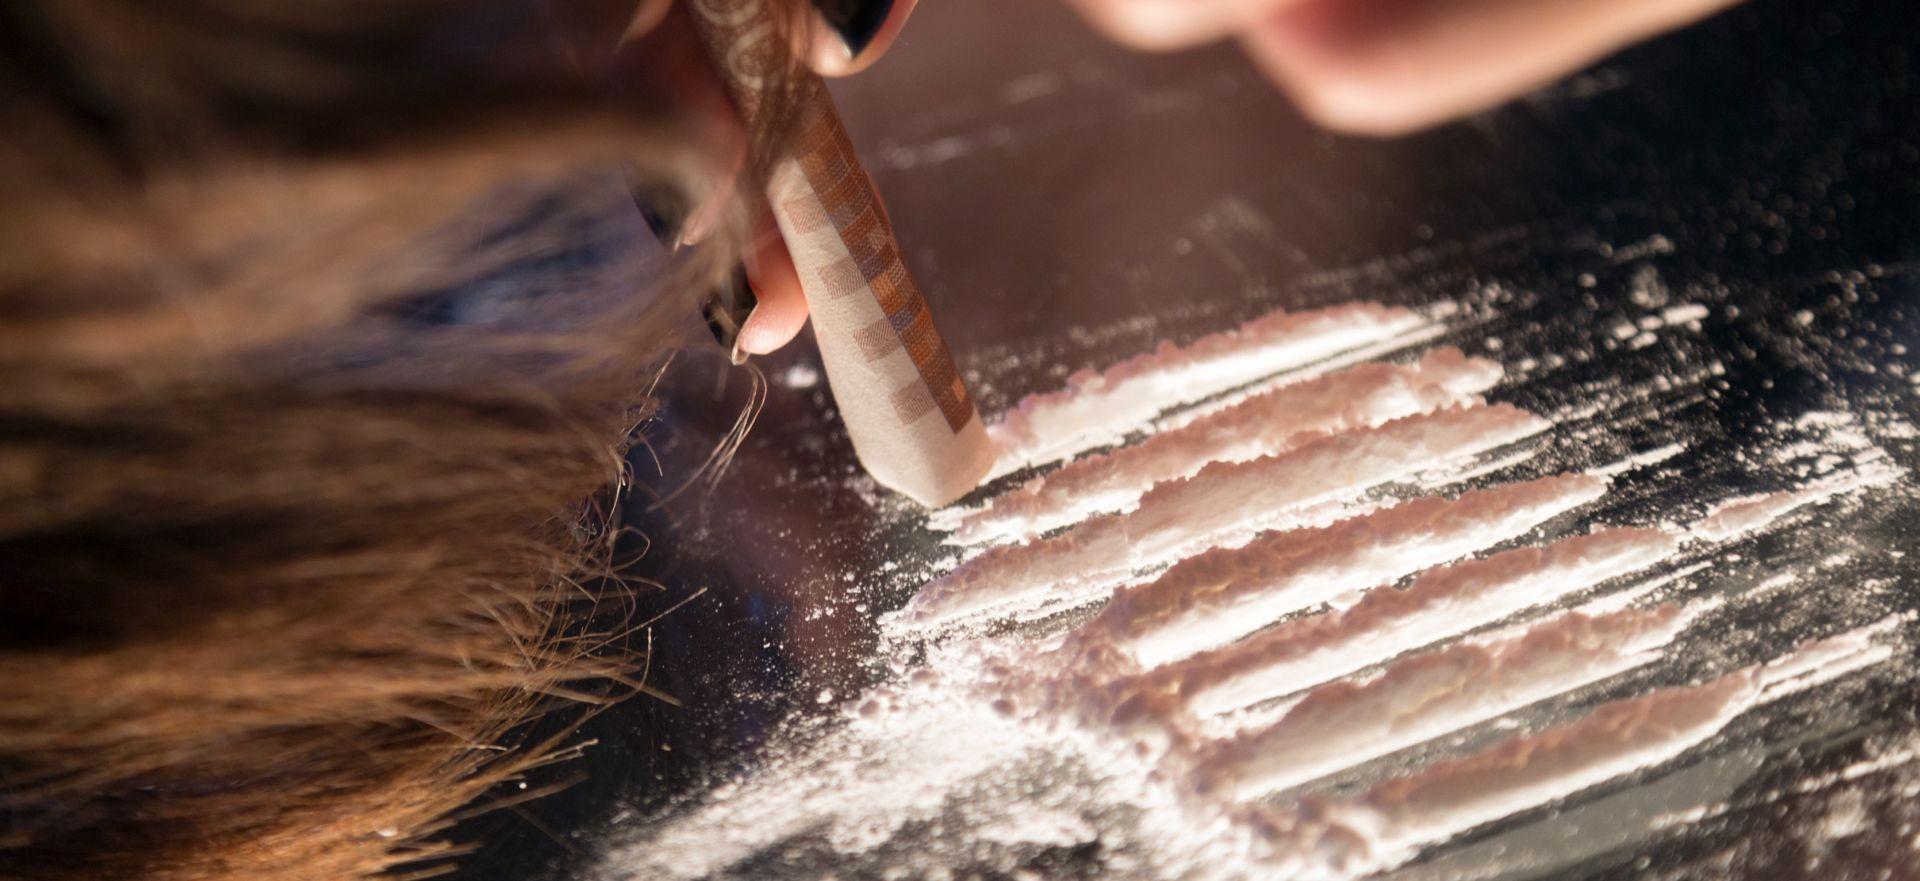 VRIJEDNO 70 MILIJUNA FUNTI Britanska policija zaplijenila 200 kg kokaina